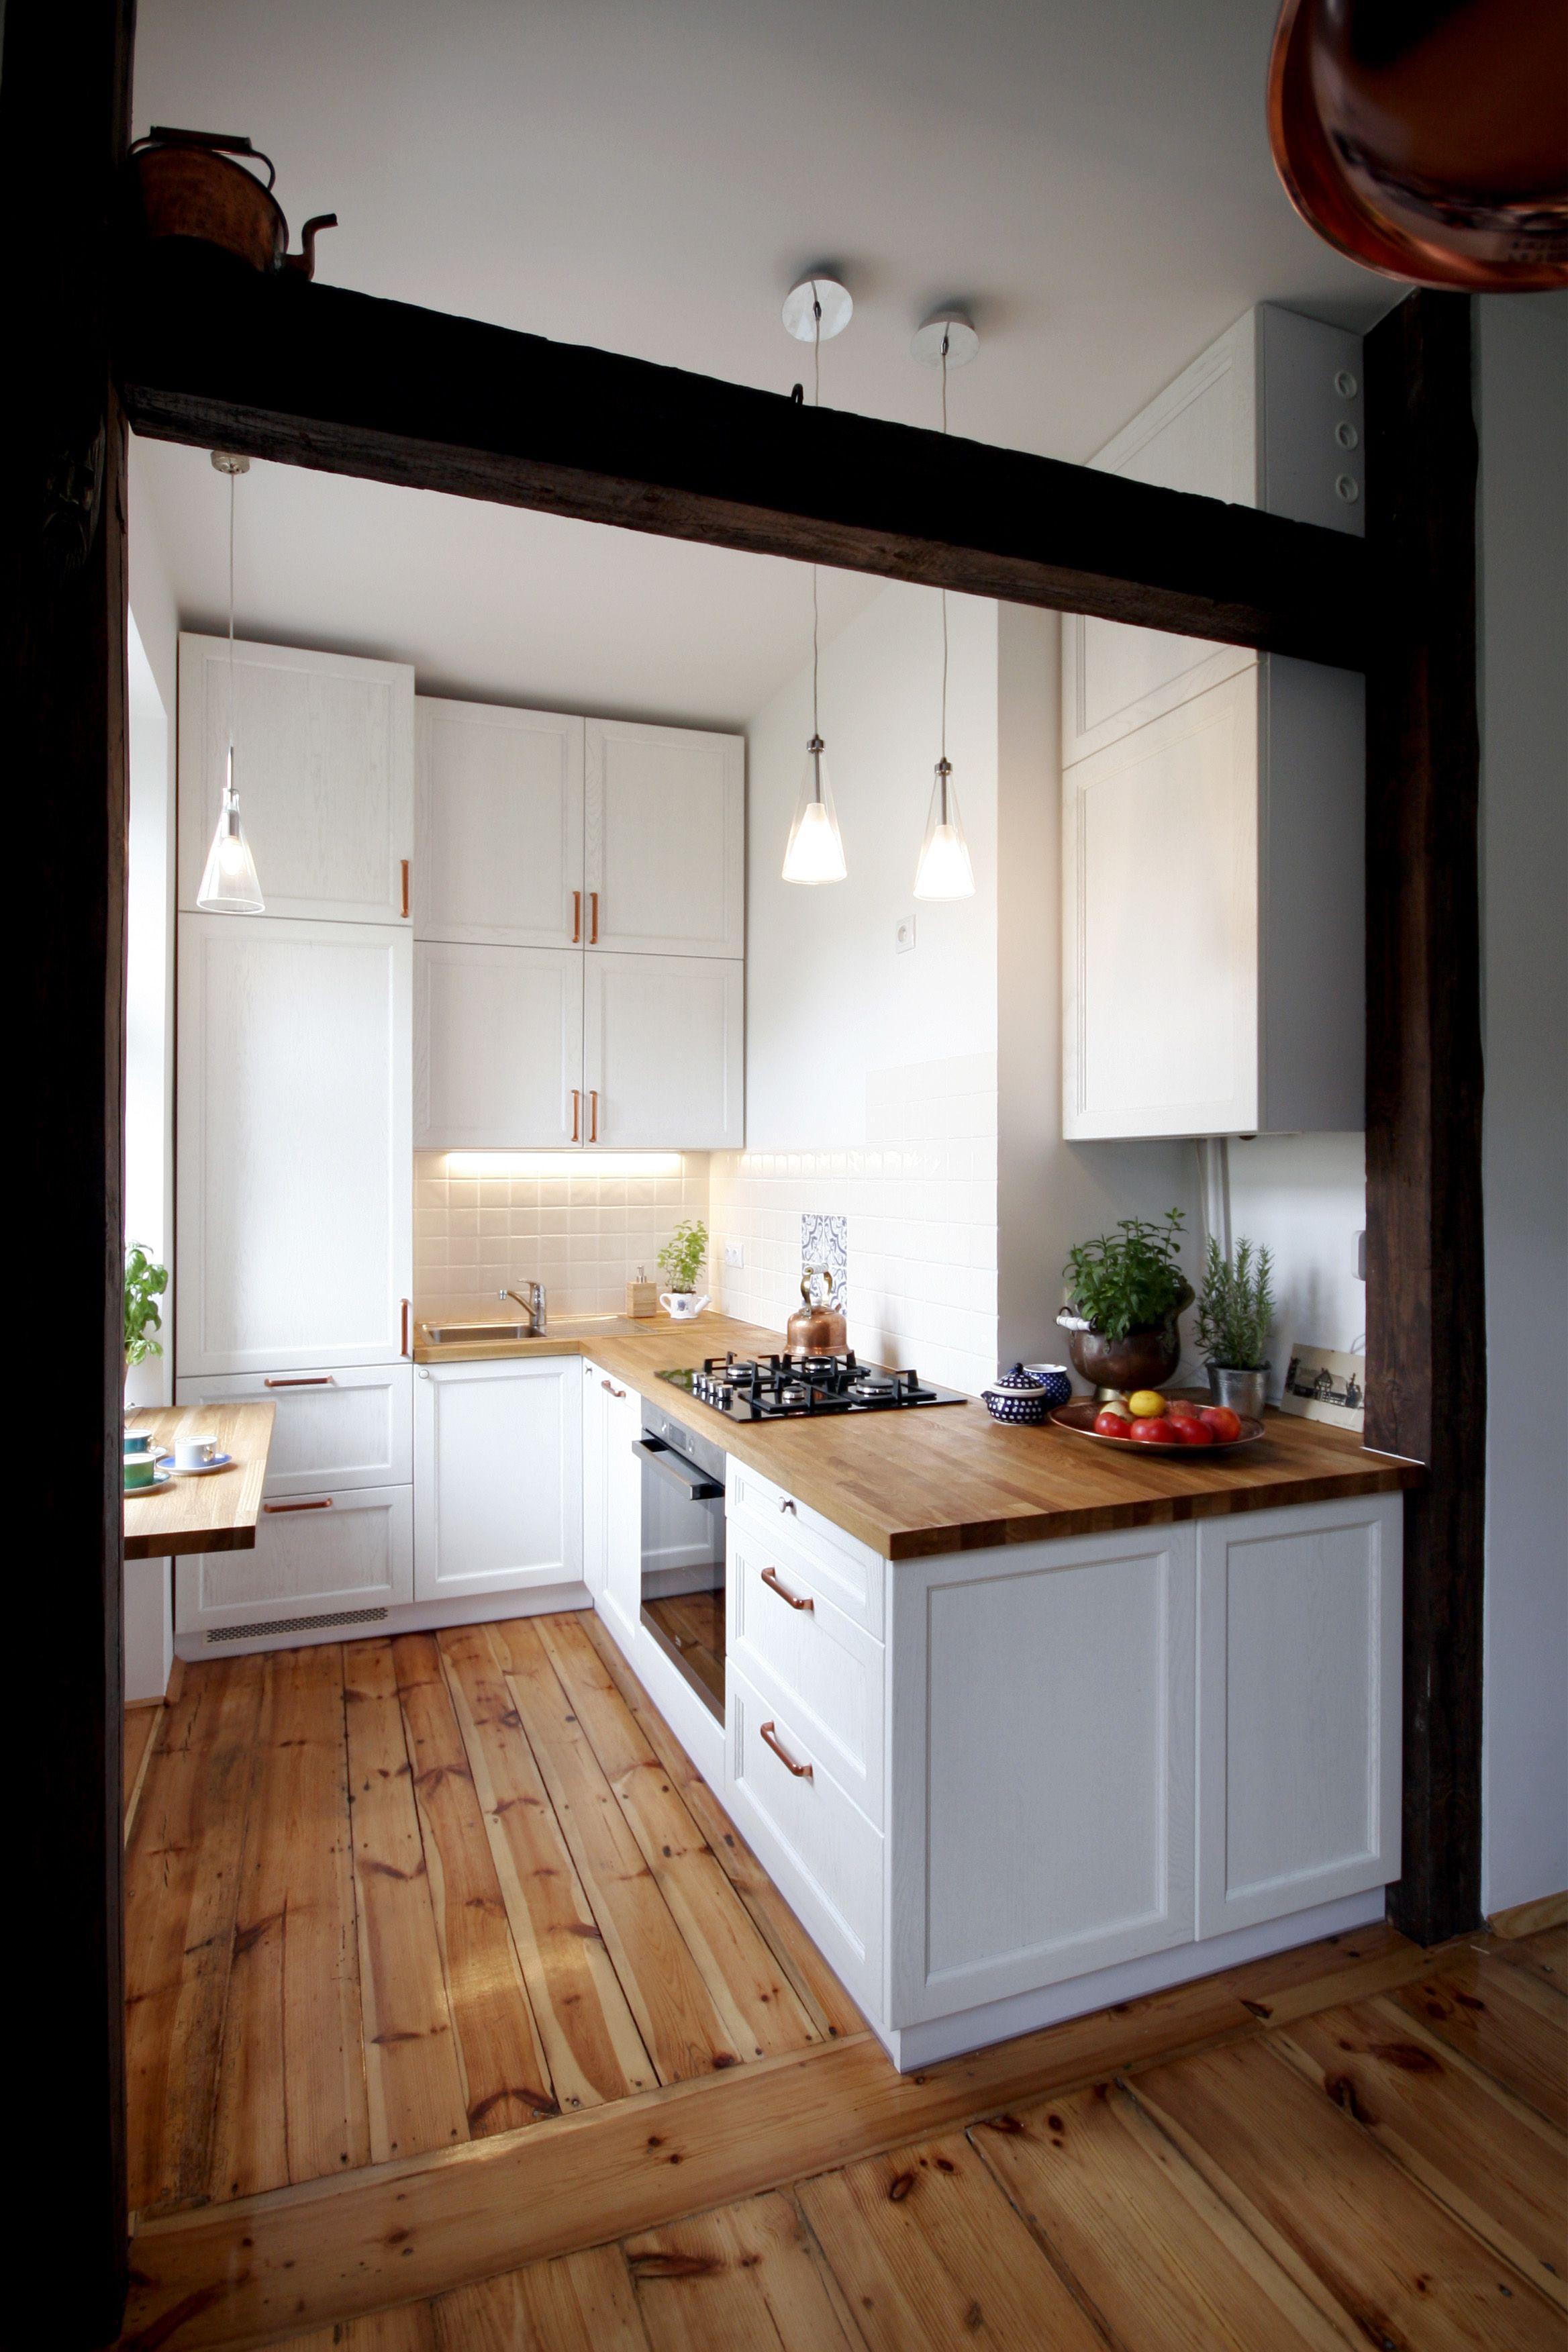 Fesselnde Küche Einrichten Beste Wahl Küche Einrichten, Und Wohnen, Stil Küche, Abstellraum,